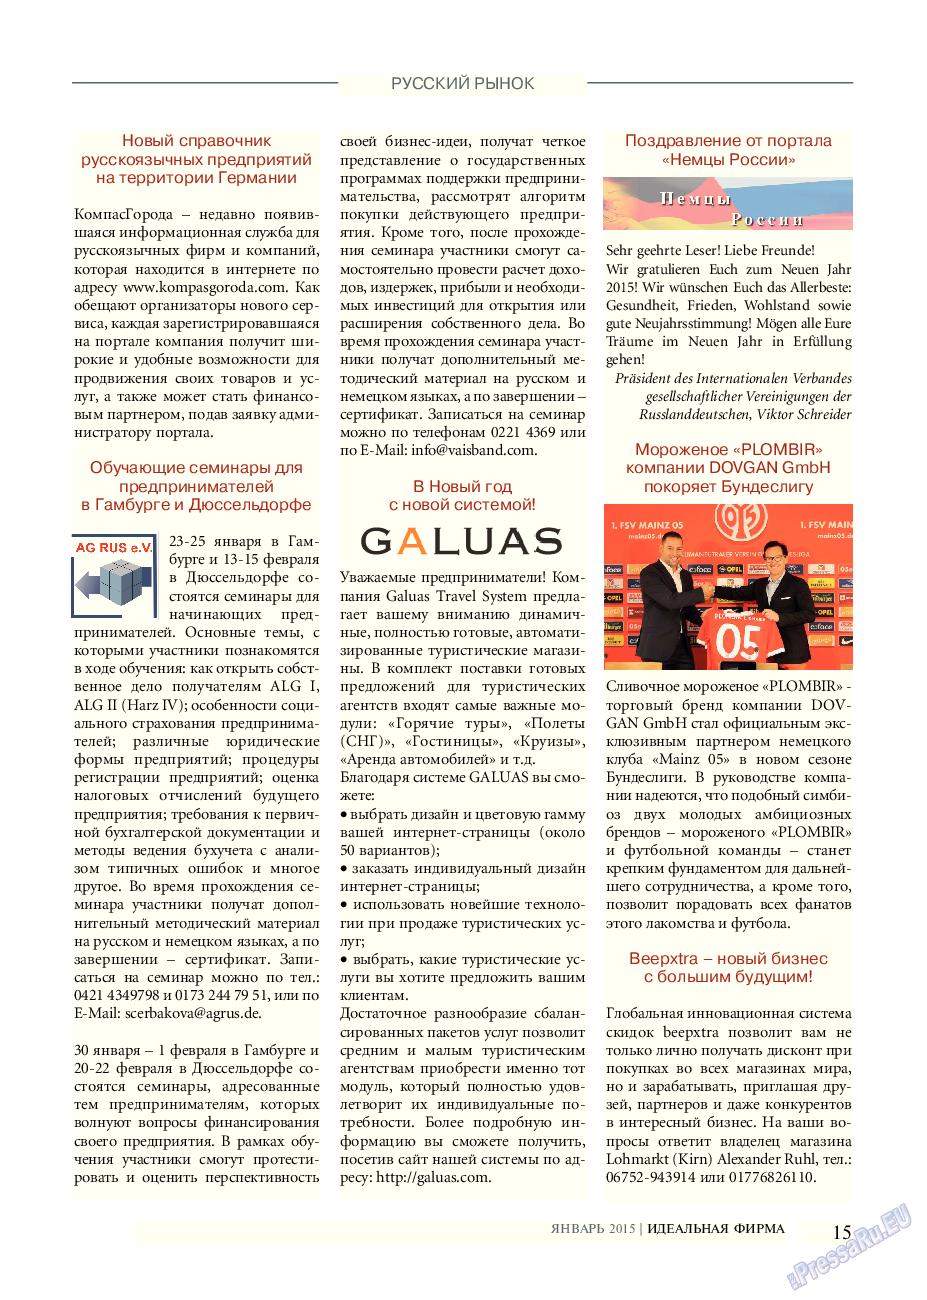 Идеальная фирма (журнал). 2015 год, номер 1, стр. 15